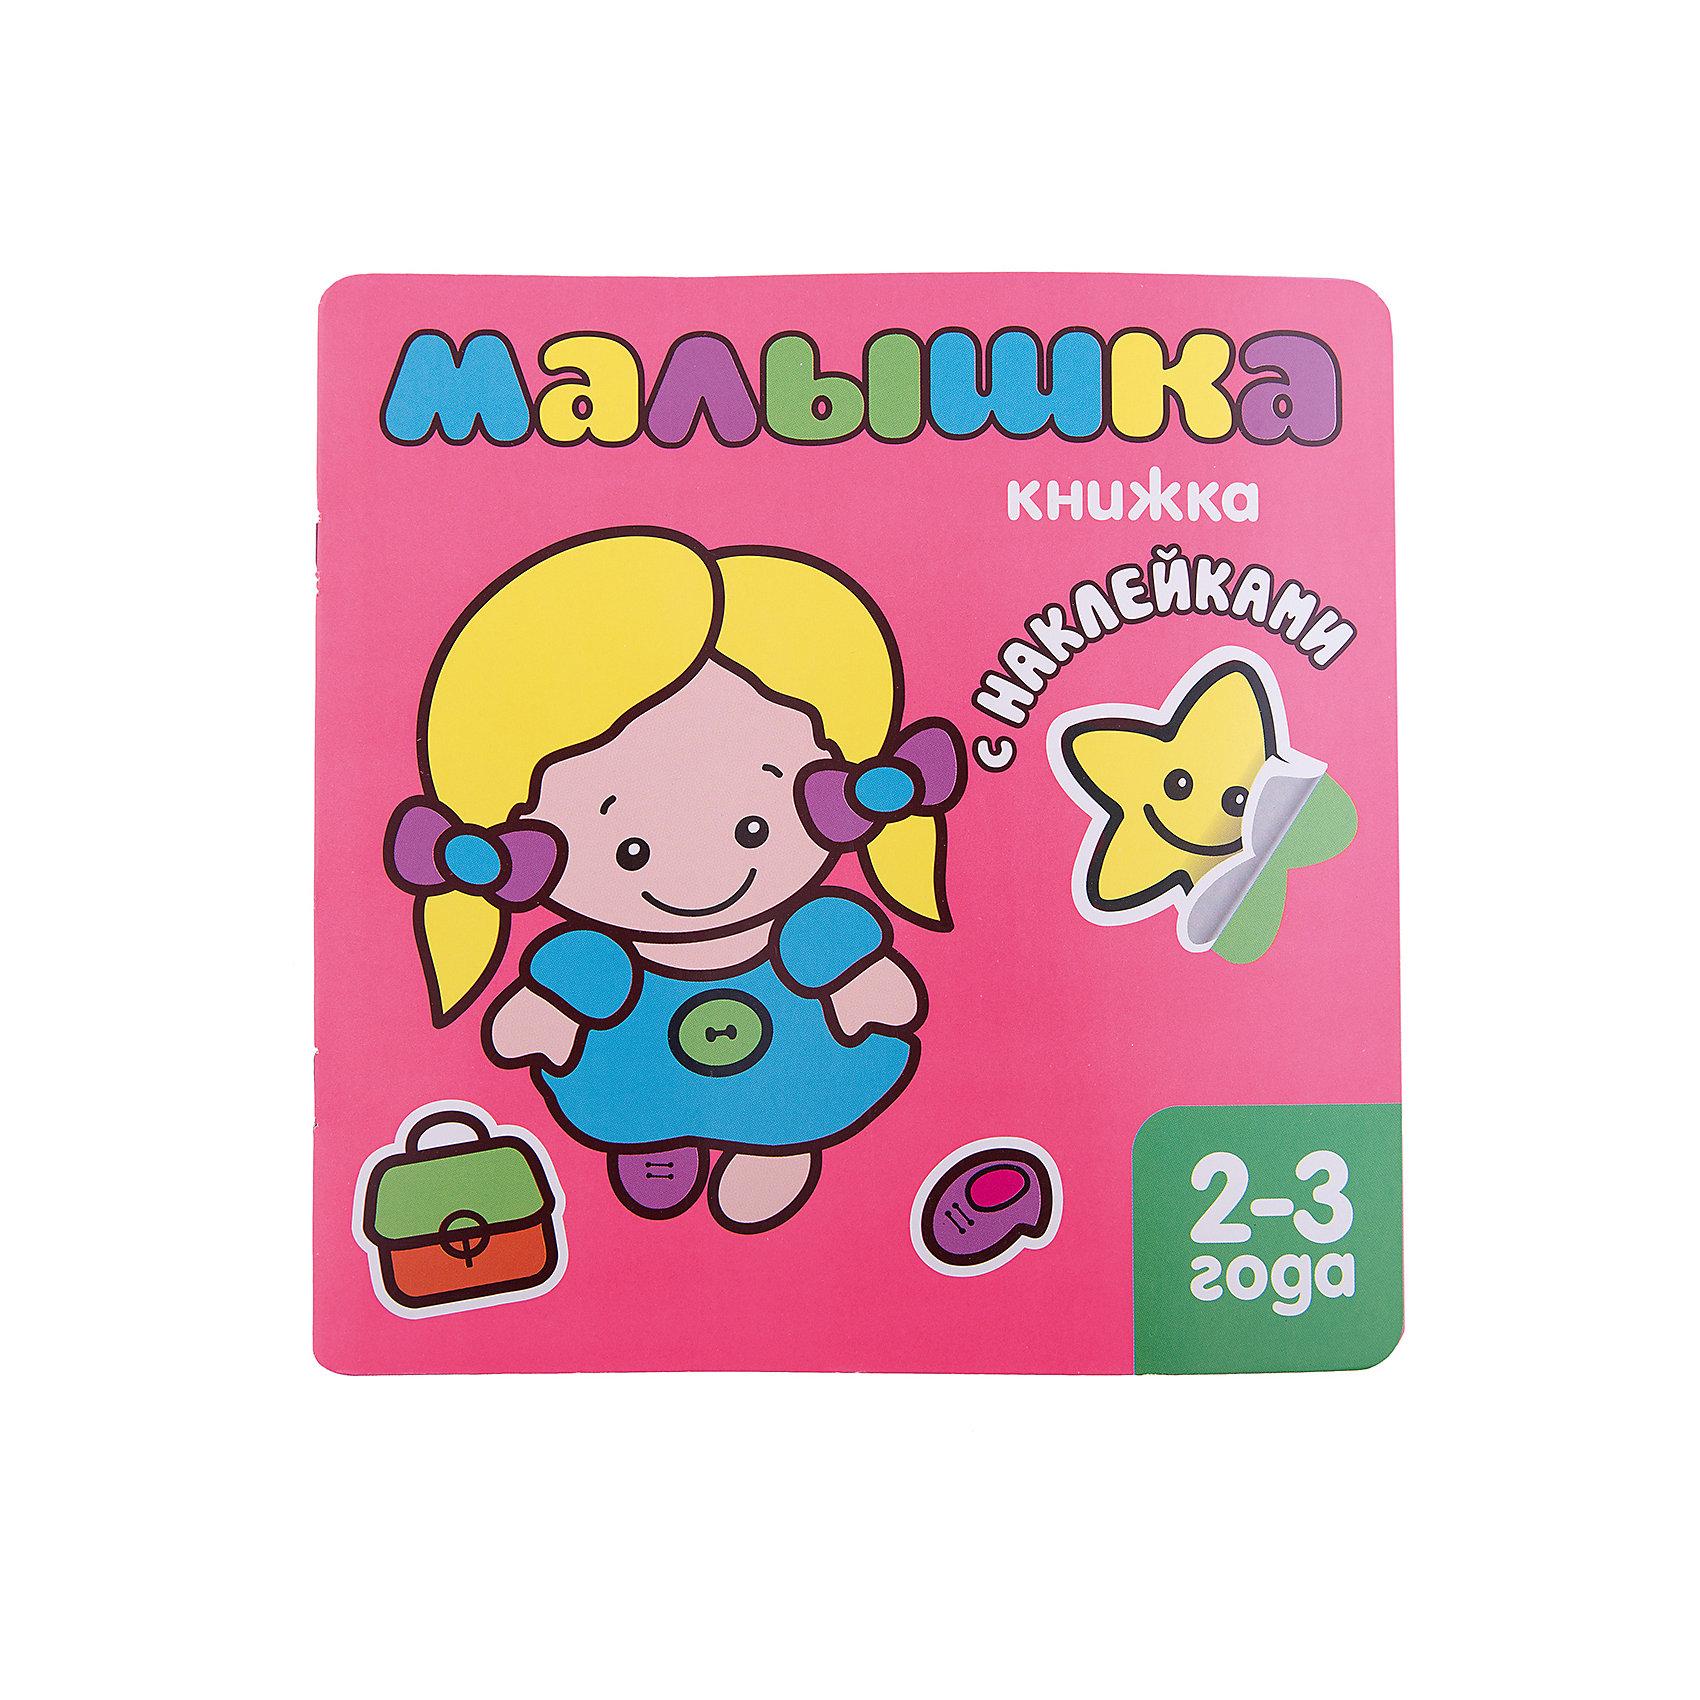 Малышка, Книжка с наклейками для самых маленькихТворчество для малышей<br>Характеристики книжки Малышка с наклейками:<br><br>• возраст: от 2 лет до 3 лет<br>• пол: для девочек<br>• ISBN: 9785867758691<br>• материал: бумага (мелованная)<br>• количество страниц: 8<br>• размер книжки: 22х22х1 см.<br>• масса: 76 гр.<br>• тип обложки: мягкая.<br>• иллюстрации: цветные.<br>• автор: Бурмистрова Л. Л.<br>• бренд: Мозаика-Синтез<br>• страна обладатель бренда: Россия.<br><br>Хорошая развивающая книжка с наклейками понравится всем малышам. Яркие красивые картинки очень интересно рассматривать. Бумага очень приятная на ощупь, мелованная. На каждой страничке, помимо раскрасок, есть вопросы и небольшие задания. Крупные наклейки удобно клеить маленькими пальчиками, а если что-то приклеится неправильно - все легко можно вернуть назад. <br><br>В книге используются очень простые картинки, обведенные толстым контуром. Это облегчает малышам рисование и делает этот процесс более приятным. Картинки в этой книжке специально подобраны для маленьких девочек, мальчикам будет интереснее книга этой же серии Малыш.<br><br>Книжку Малышку с наклейками издательства Мозаика-Синтез можно купить в нашем интернет-магазине.<br><br>Ширина мм: 1<br>Глубина мм: 220<br>Высота мм: 220<br>Вес г: 75<br>Возраст от месяцев: 24<br>Возраст до месяцев: 36<br>Пол: Женский<br>Возраст: Детский<br>SKU: 5362848